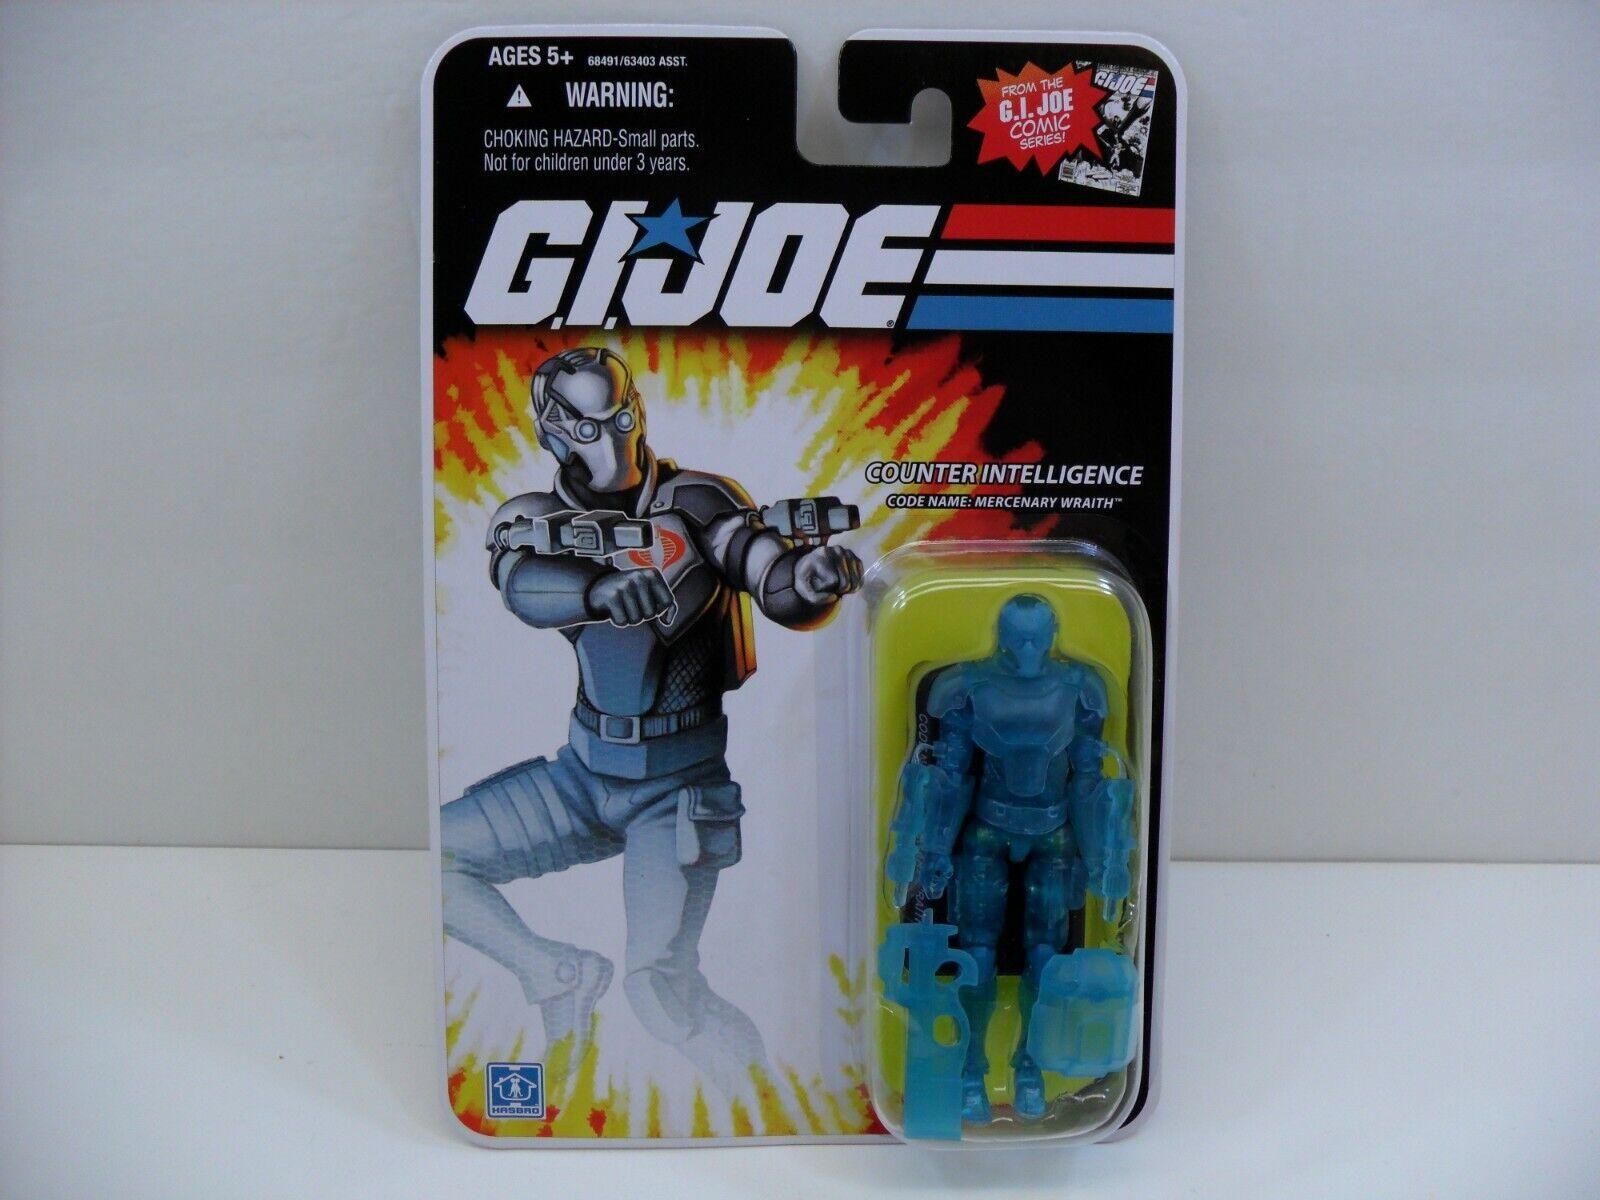 2008 Hasbro  GIJOE 25th  Mercenary Wraith  Clear Variant Chase Figure - Mint  sortie de vente pas cher en ligne